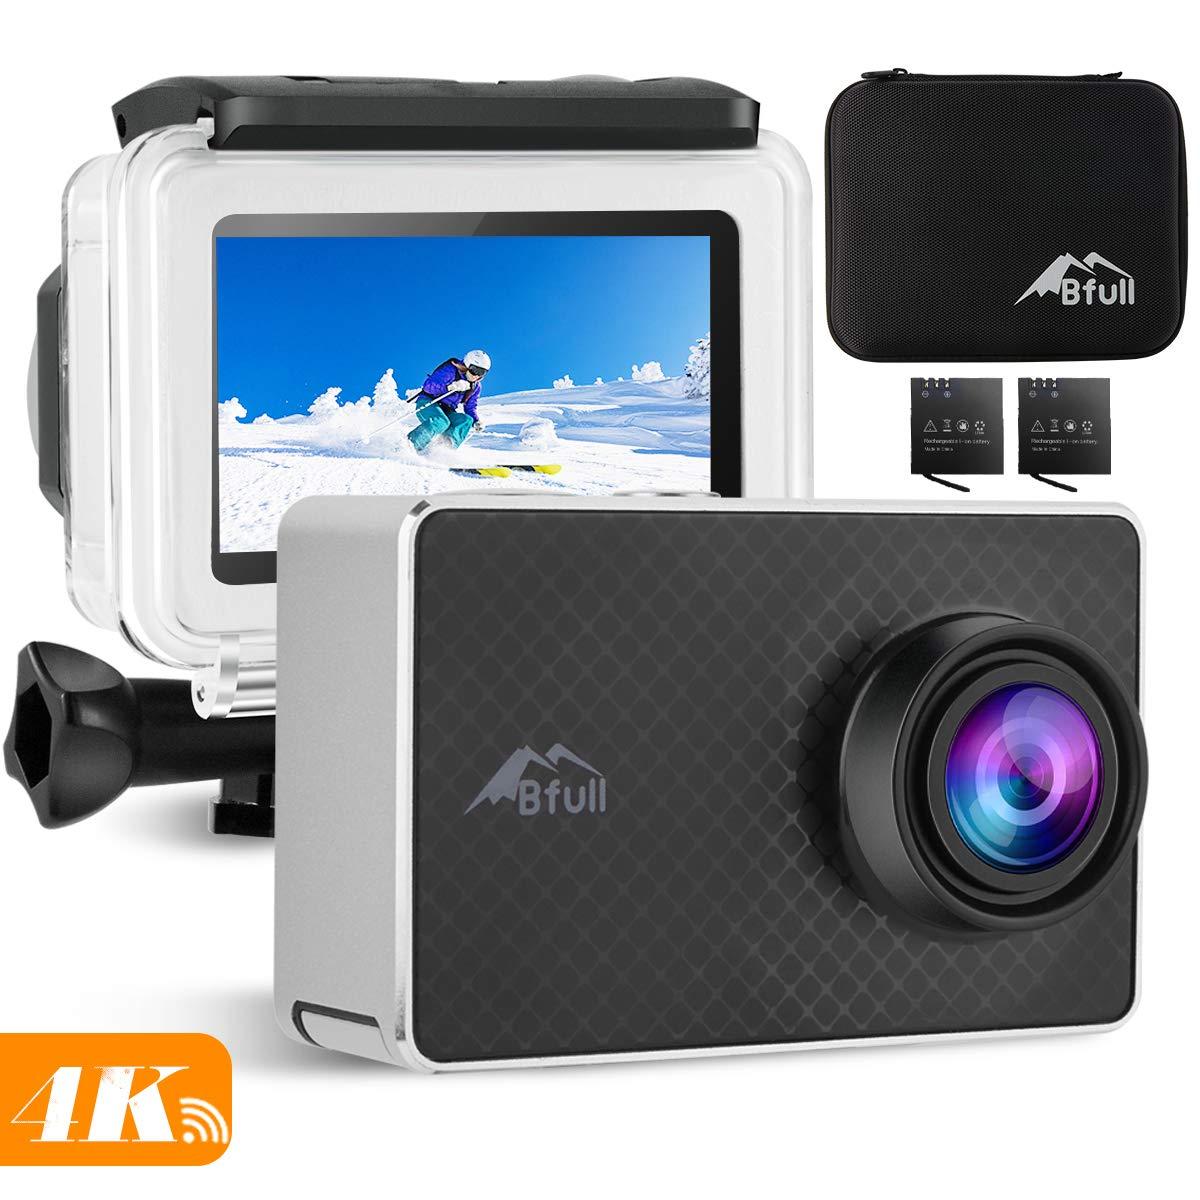 BFULL 2.45 Touchscreen 4K Action Cam, 20MP WiFi Action Ultra HD Sport Camera Unterwasser wasserdicht Camcorder 170° CMOS Sensor 2 bessere Batterien 1050Mah, Tragetasche und Befestigungszubehör GRP24